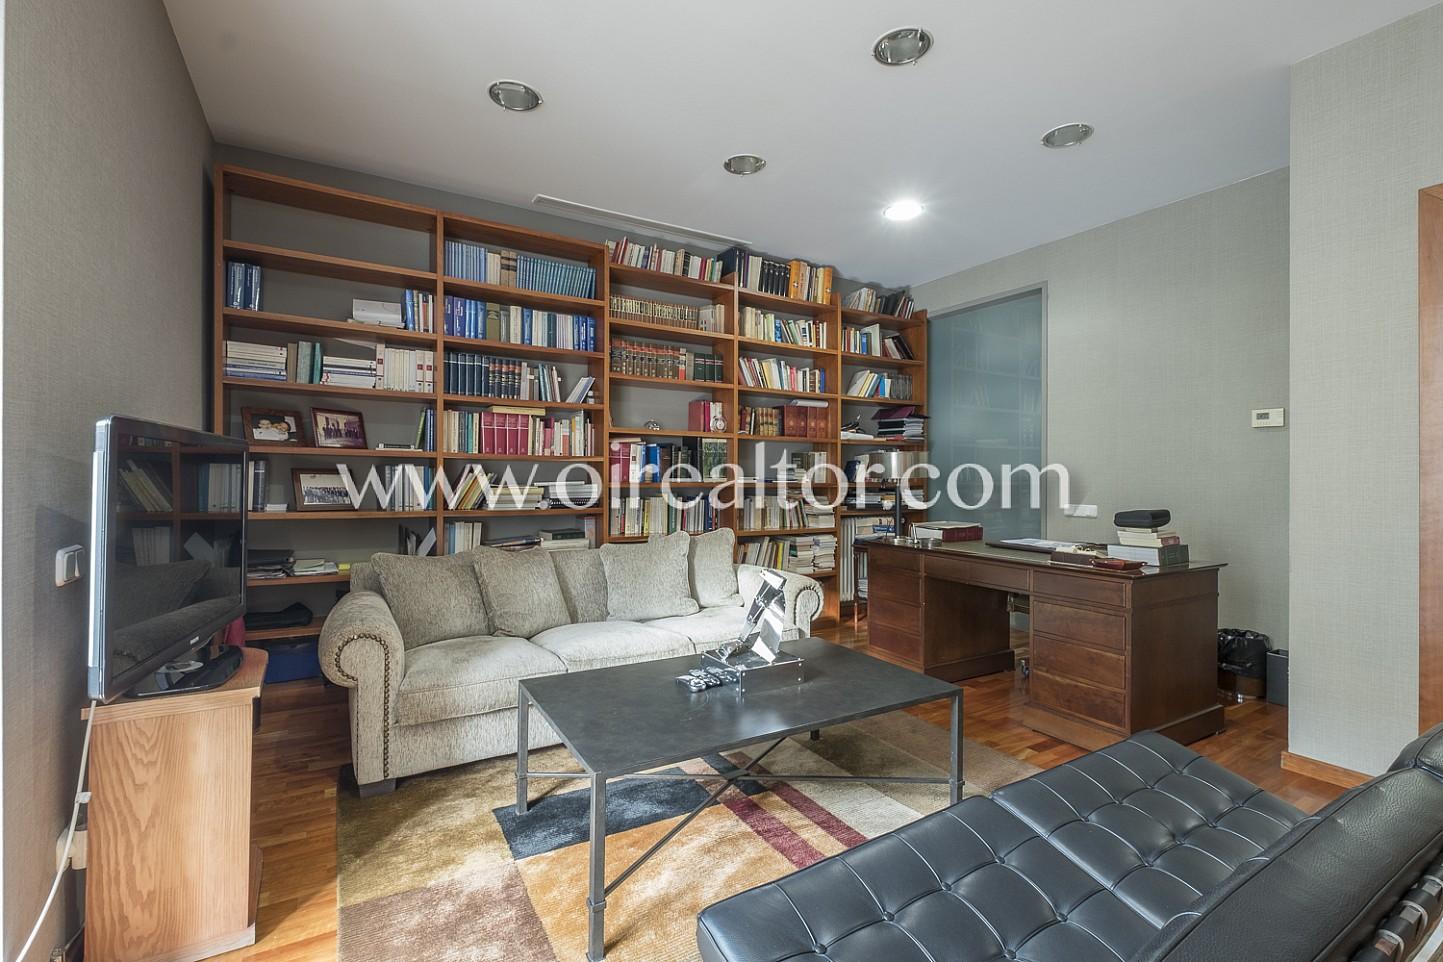 sala de estar, salón, sofás, asiento, sillón, librería, soleado, luminoso, ventana